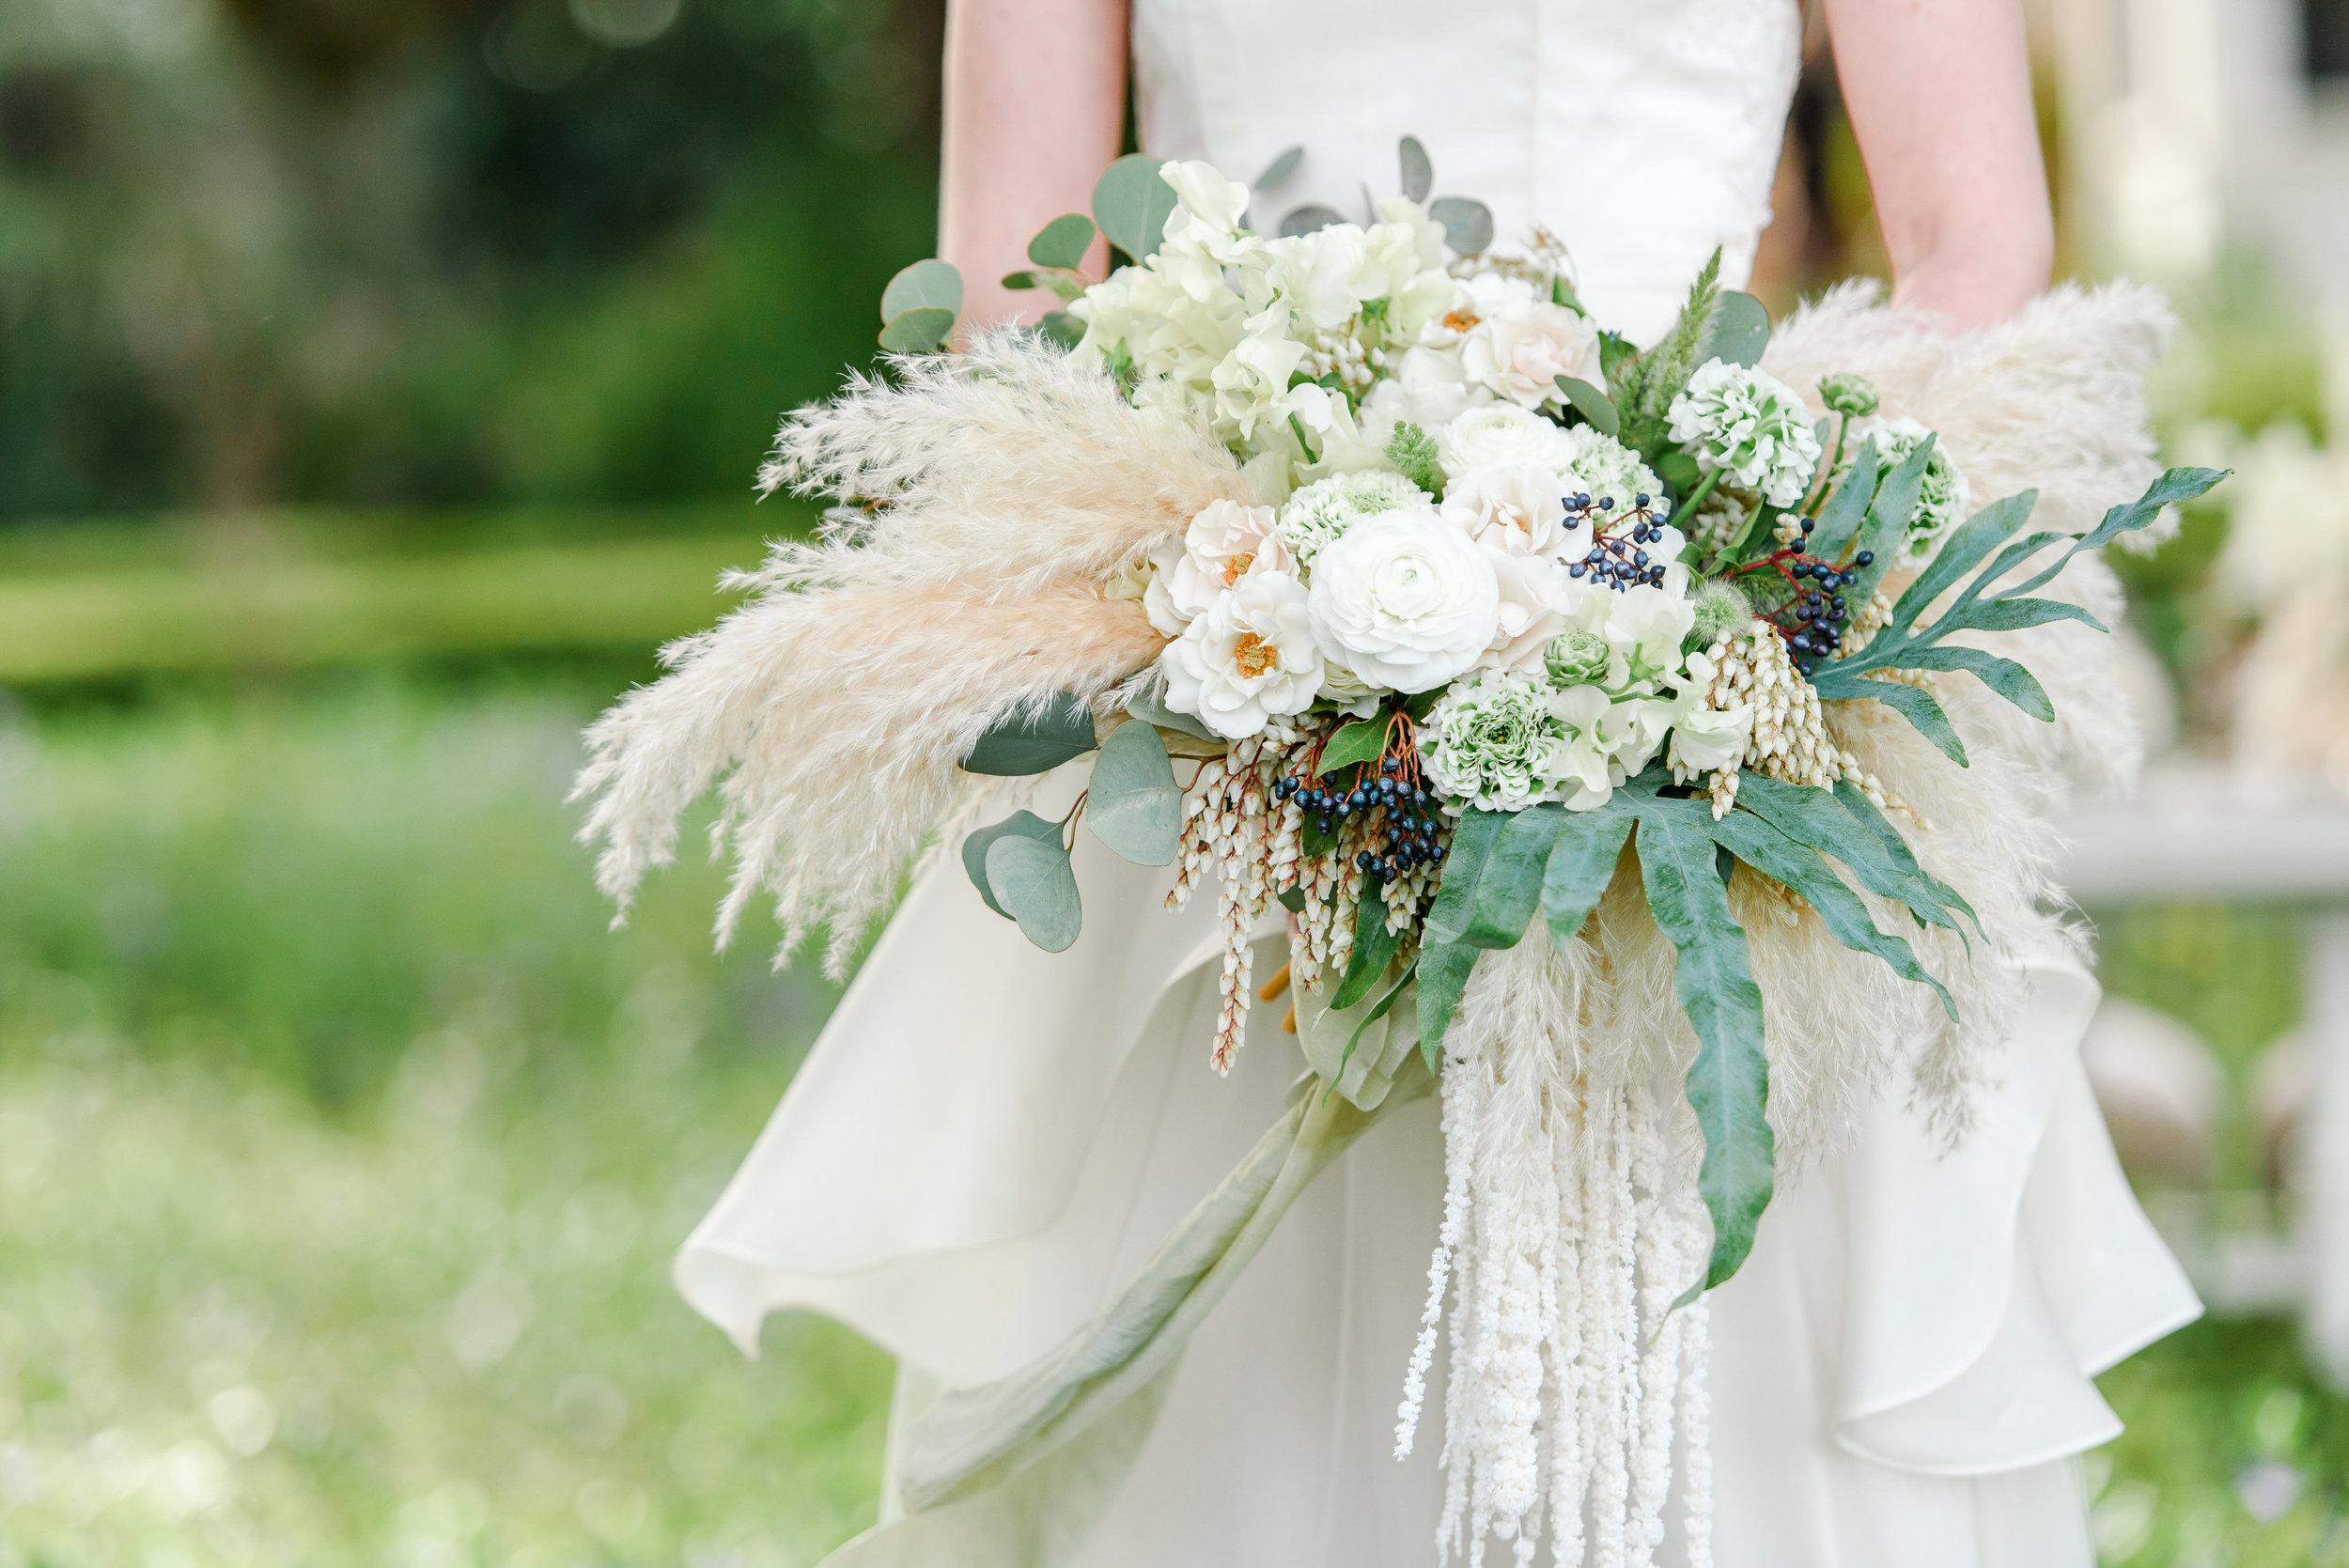 Unique Bridal Bouquet | Neutral Bridal Bouquet | Wedding Flowers | Pampas Grass